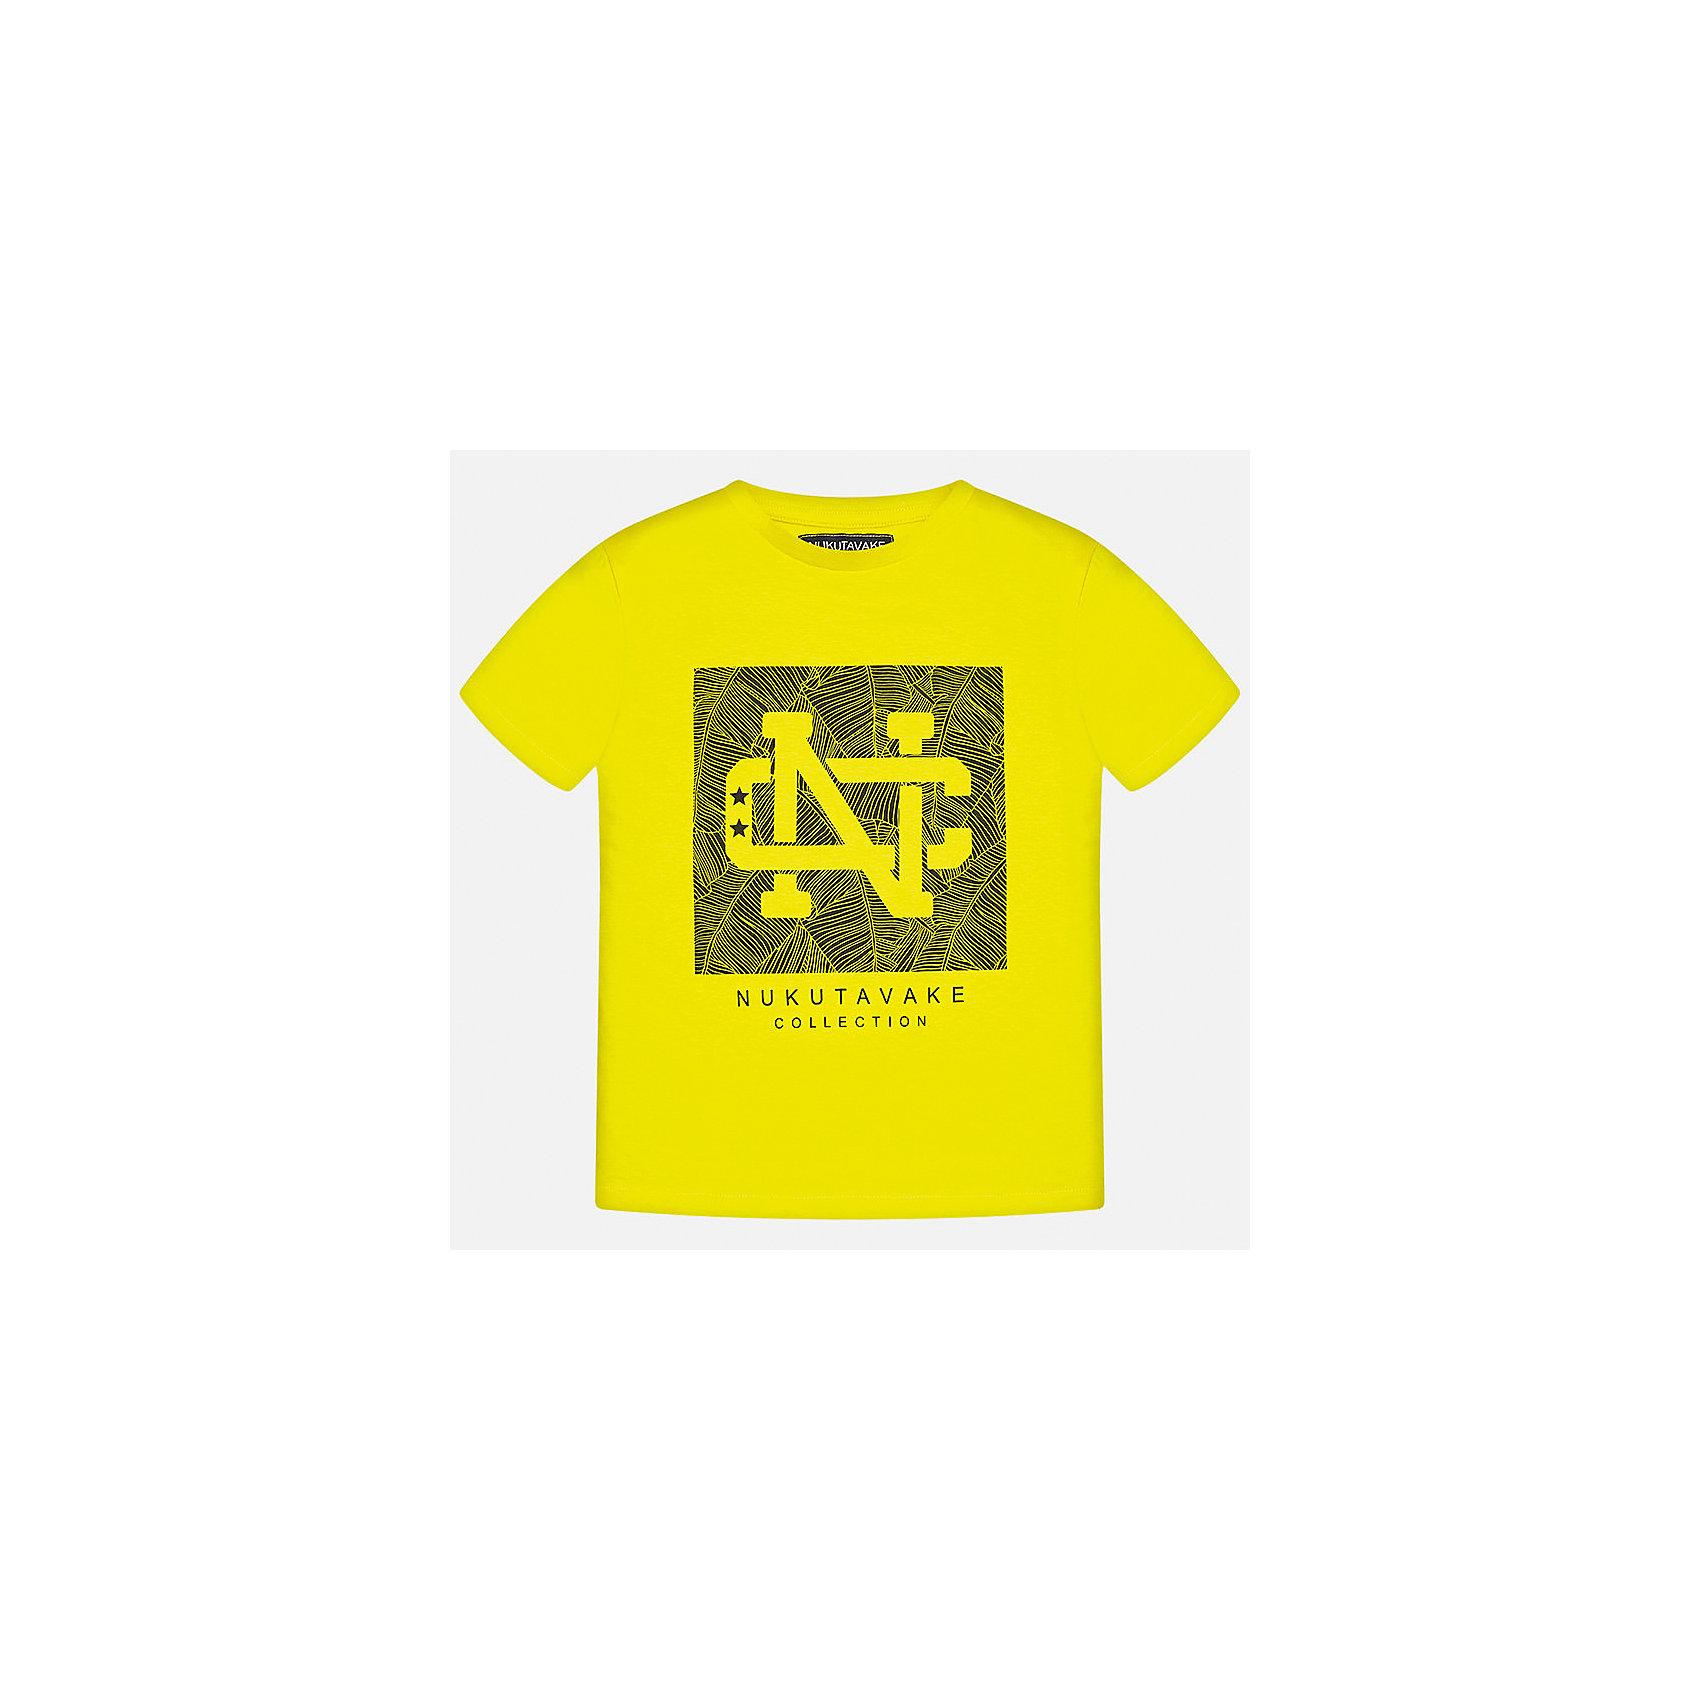 Футболка для мальчика MayoralФутболки, поло и топы<br>Характеристики товара:<br><br>• цвет: желтый<br>• состав: 100% хлопок<br>• круглый горловой вырез<br>• декорирована принтом<br>• короткие рукава<br>• отделка горловины<br>• страна бренда: Испания<br><br>Стильная удобная футболка с принтом поможет разнообразить гардероб мальчика. Она отлично сочетается с брюками, шортами, джинсами. Универсальный крой и цвет позволяет подобрать к вещи низ разных расцветок. Практичное и стильное изделие! Хорошо смотрится и комфортно сидит на детях. В составе материала - натуральный хлопок, гипоаллергенный, приятный на ощупь, дышащий. <br><br>Одежда, обувь и аксессуары от испанского бренда Mayoral полюбились детям и взрослым по всему миру. Модели этой марки - стильные и удобные. Для их производства используются только безопасные, качественные материалы и фурнитура. Порадуйте ребенка модными и красивыми вещами от Mayoral! <br><br>Футболку для мальчика от испанского бренда Mayoral (Майорал) можно купить в нашем интернет-магазине.<br><br>Ширина мм: 199<br>Глубина мм: 10<br>Высота мм: 161<br>Вес г: 151<br>Цвет: желтый<br>Возраст от месяцев: 84<br>Возраст до месяцев: 96<br>Пол: Мужской<br>Возраст: Детский<br>Размер: 128/134,158,164,170,140,152<br>SKU: 5278272